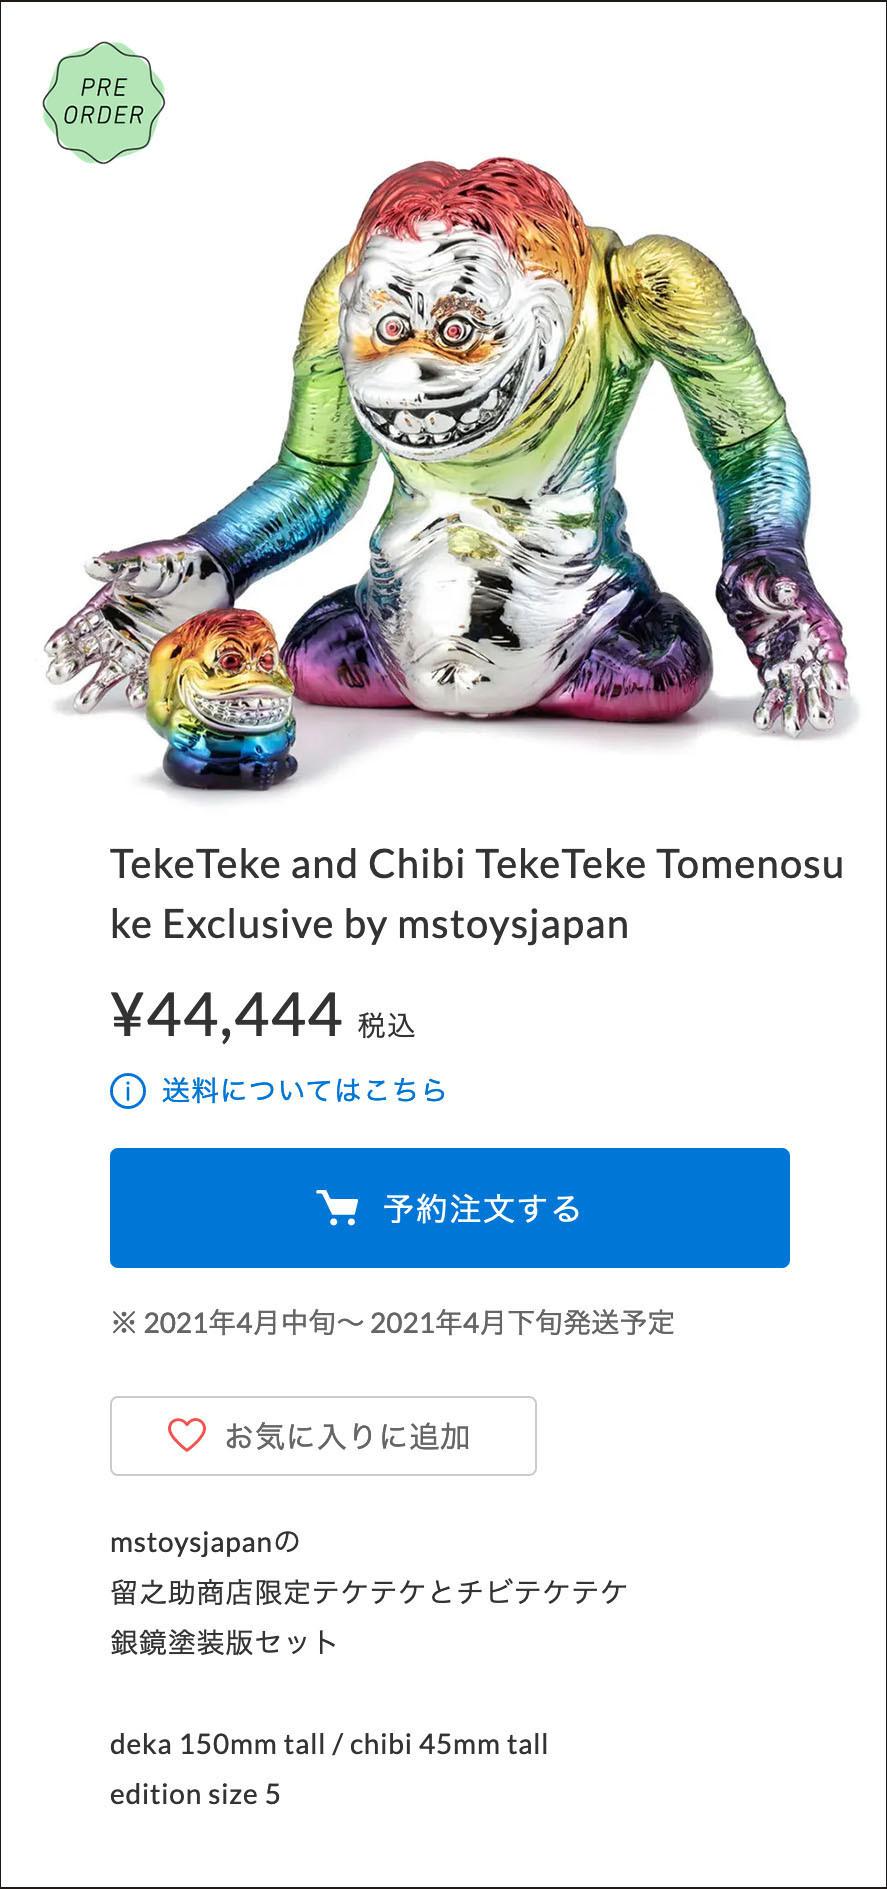 緊急・留之助限定テケテケ銀鏡塗装版の価格、改定_a0077842_10074913.jpg